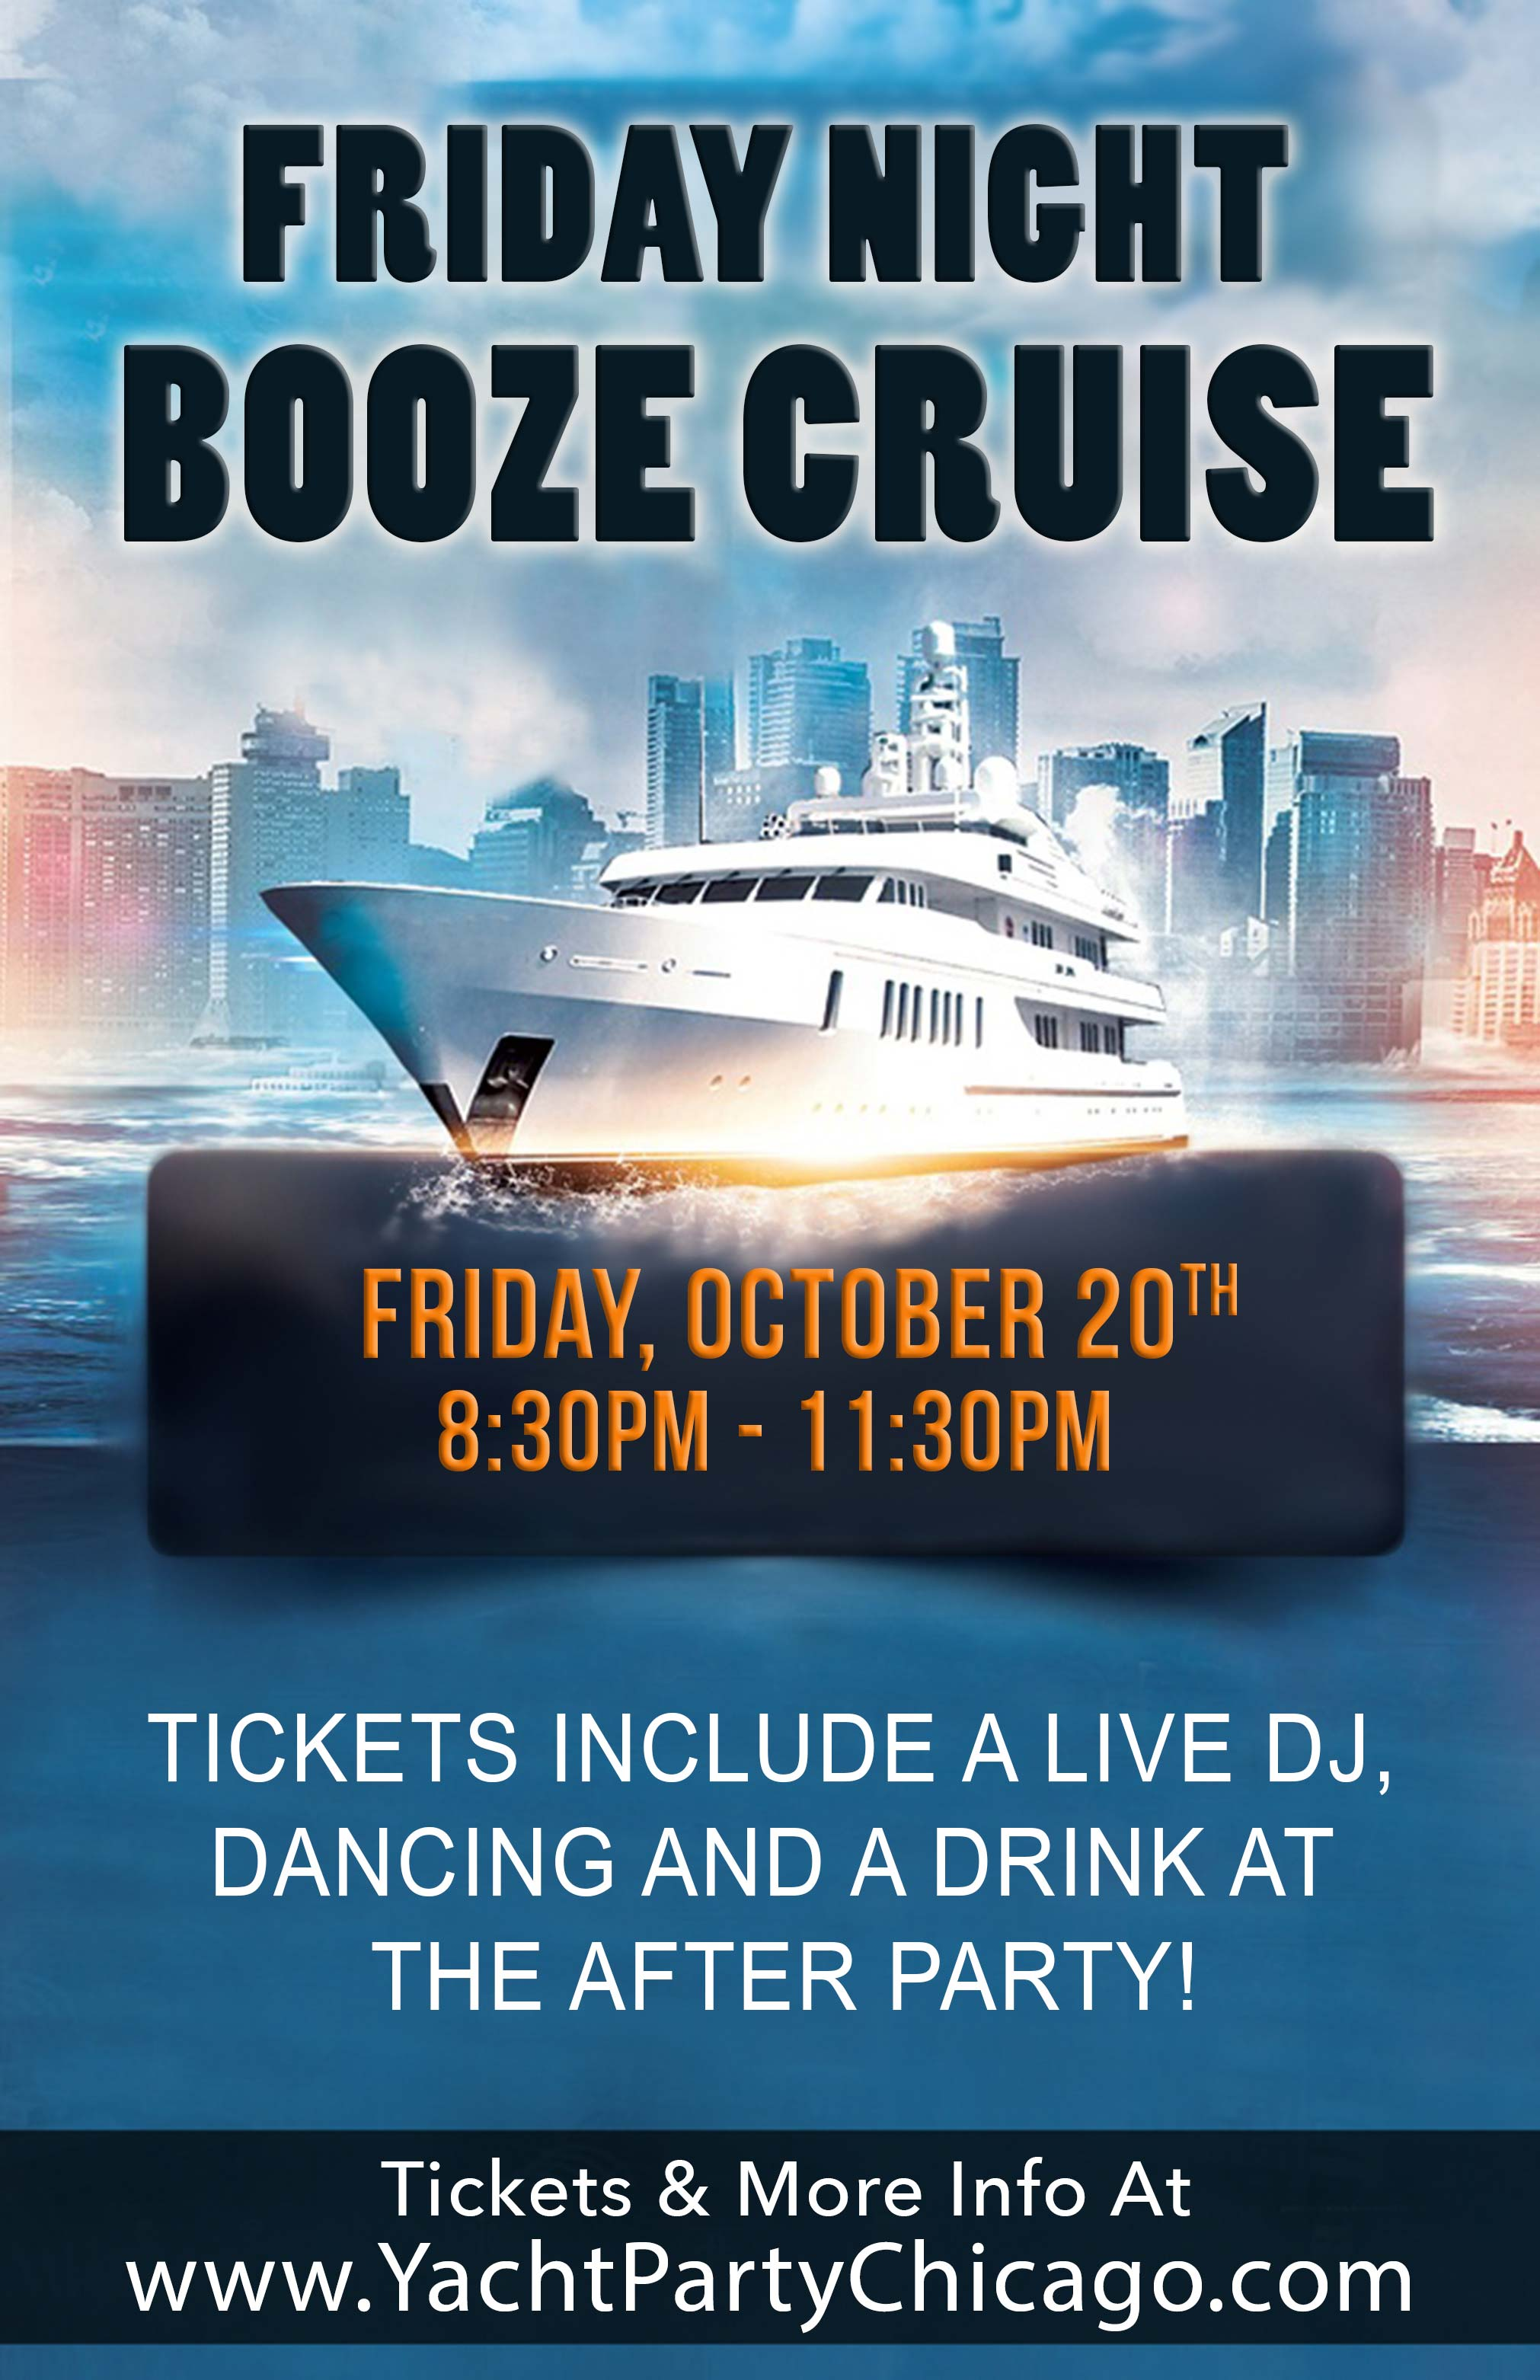 Friday Night Booze Cruise Party - Friday Night Booze Cruise Party